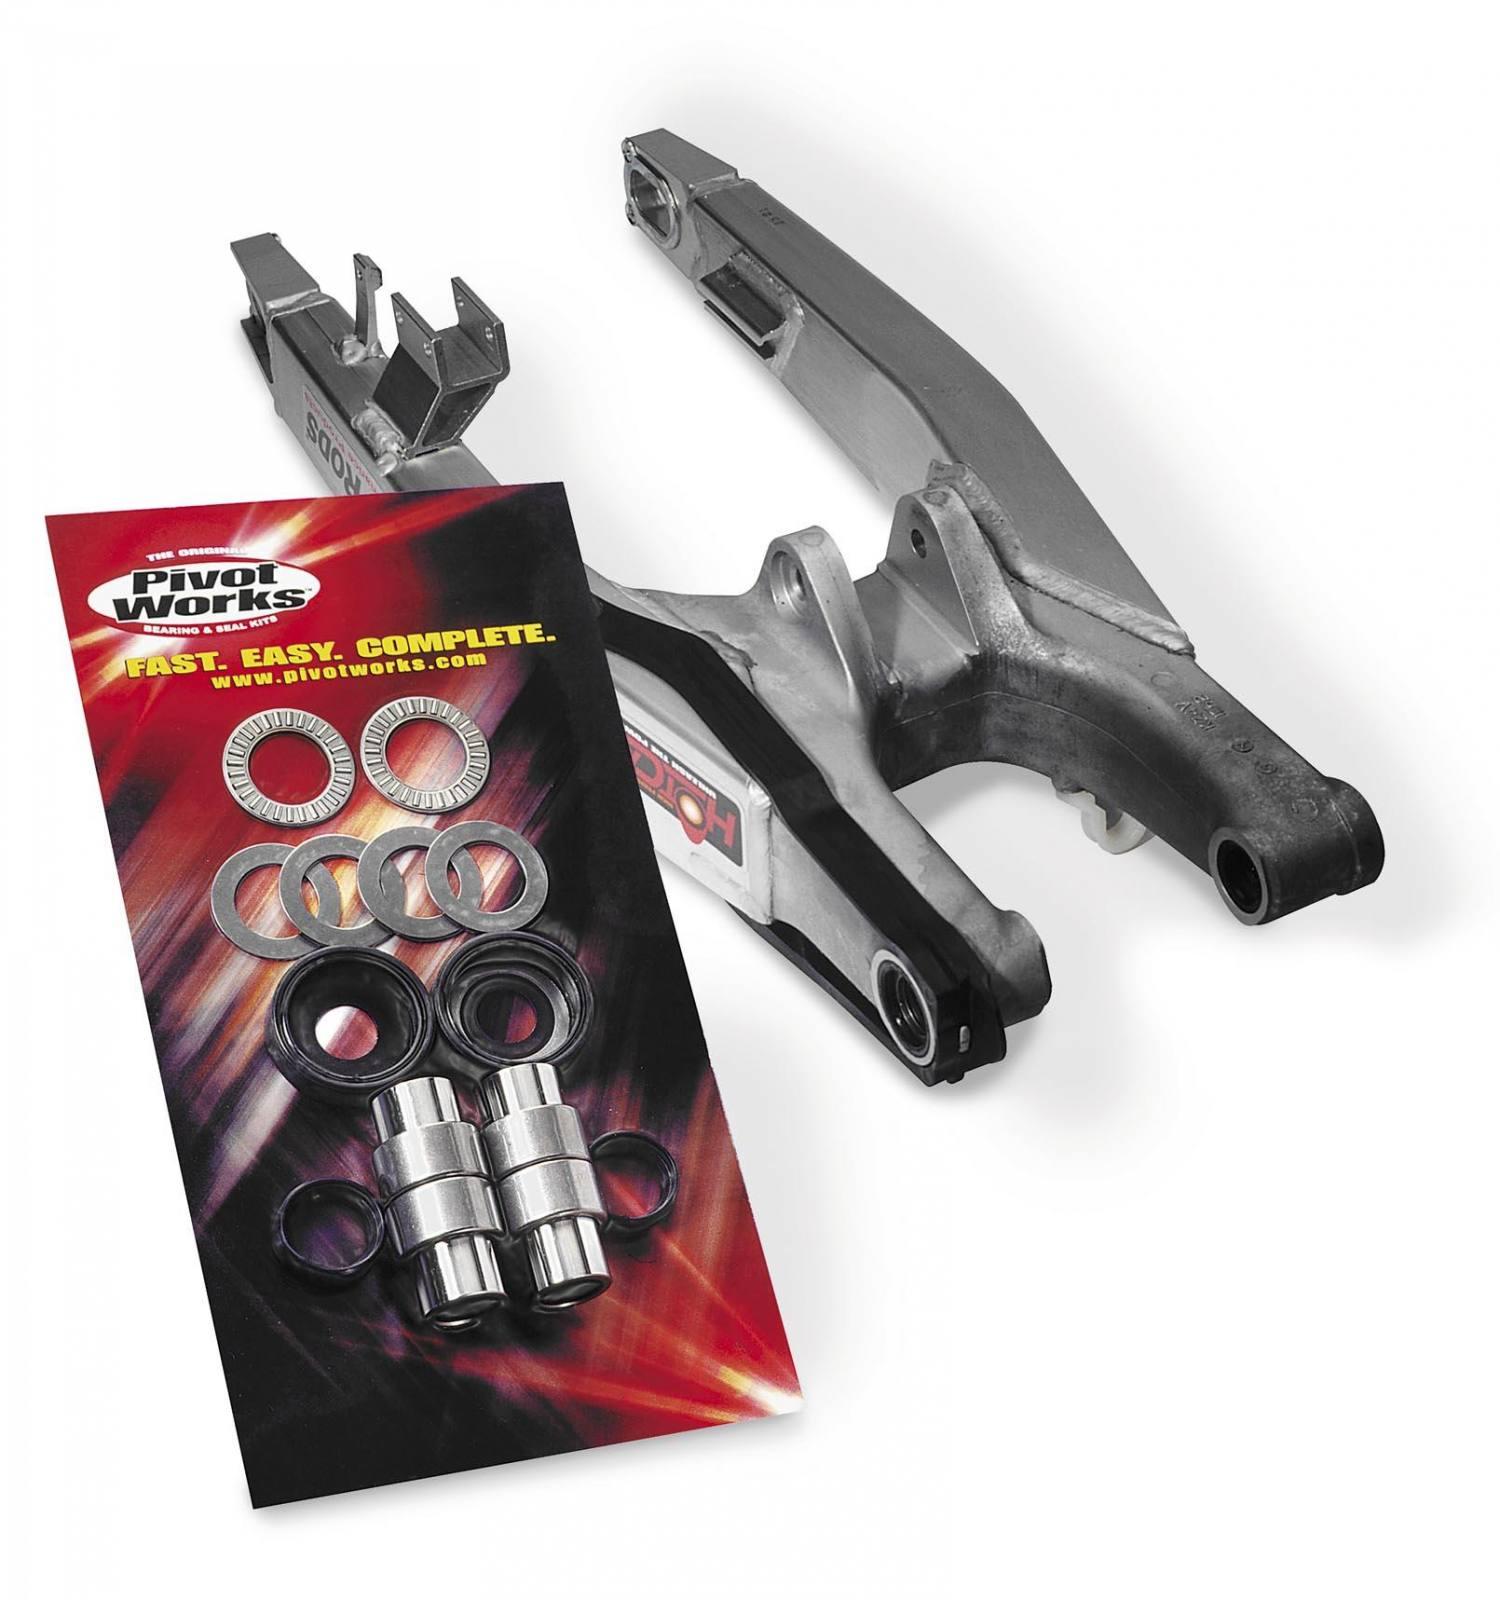 Swingarm Bearing Kit For 2006 Honda TRX450ER Electric Start~Pivot Works